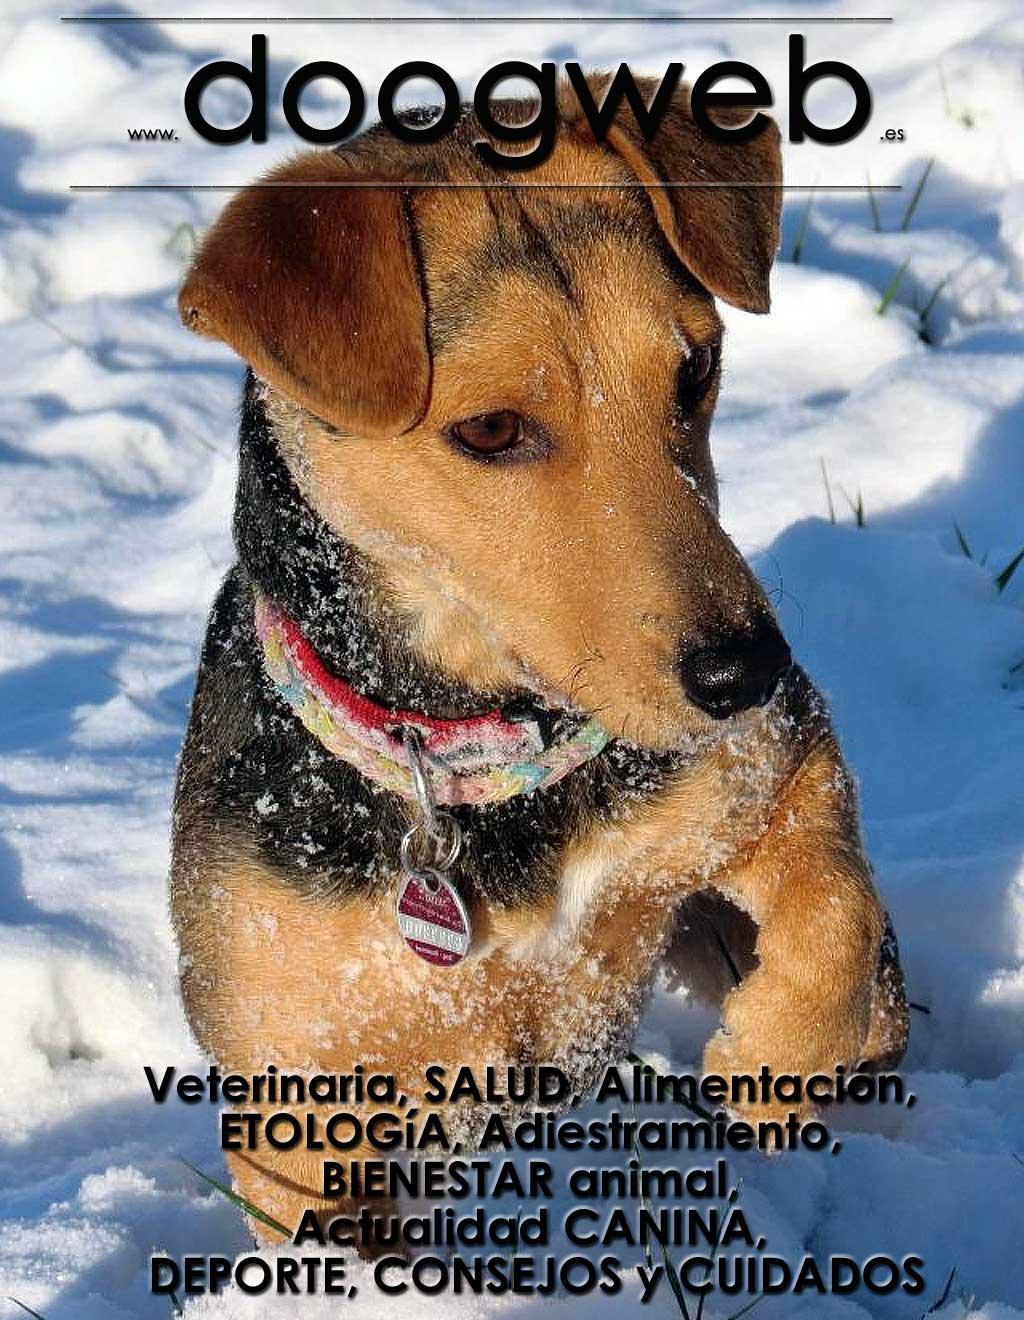 Revista gratis de perros de Doogweb, noviembre 2018.